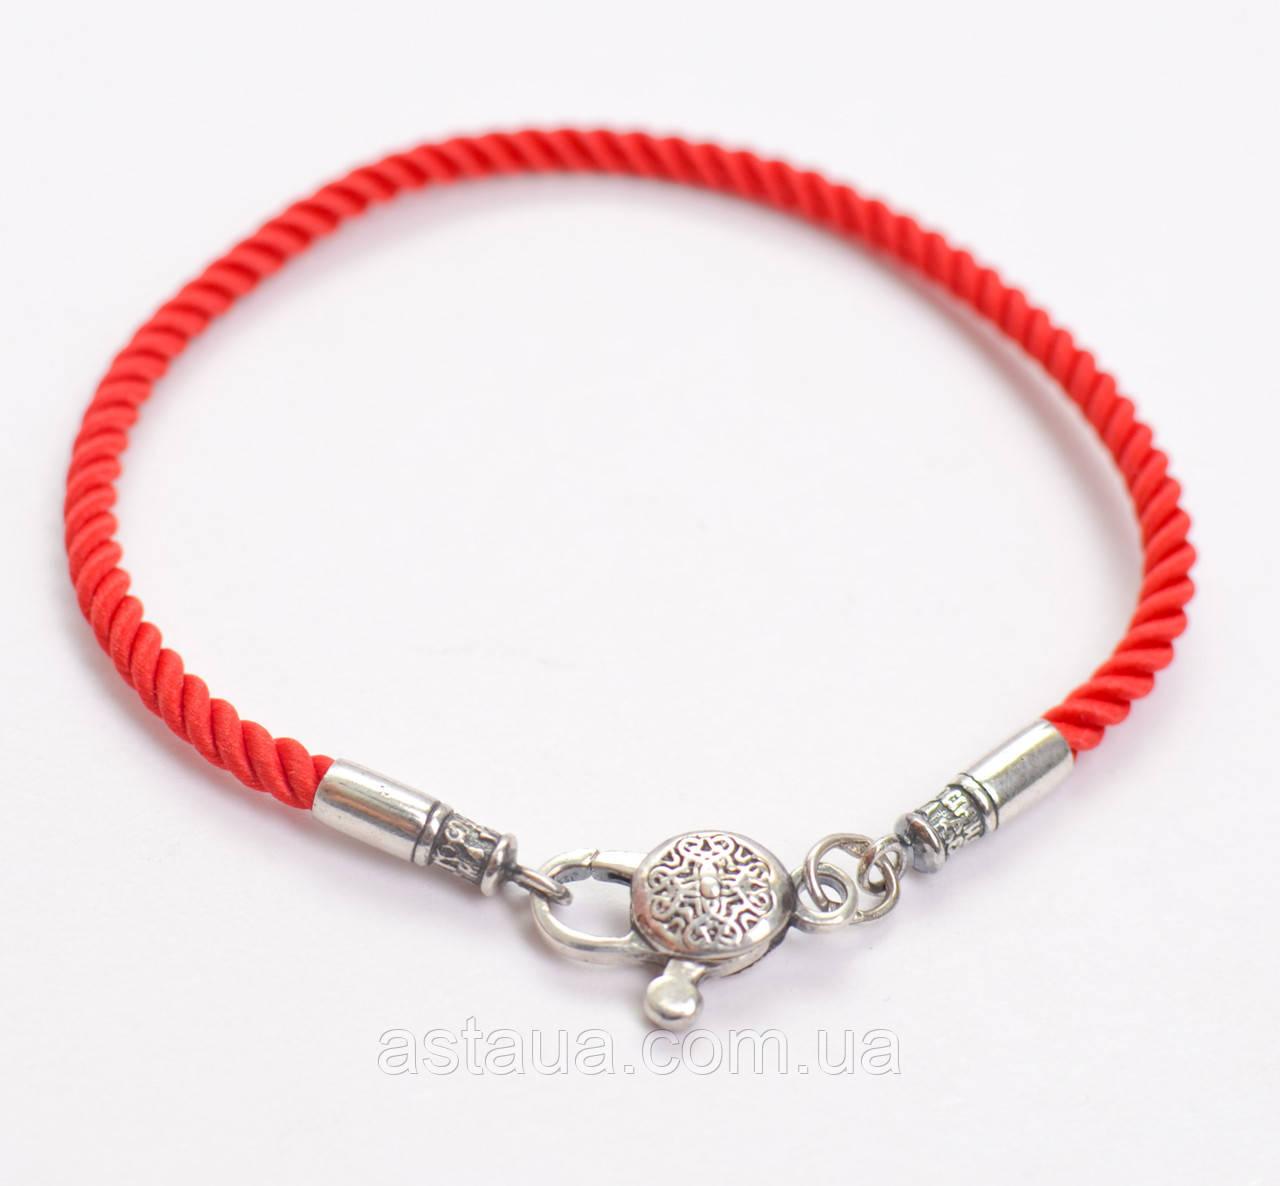 Красный браслет купить в киеве